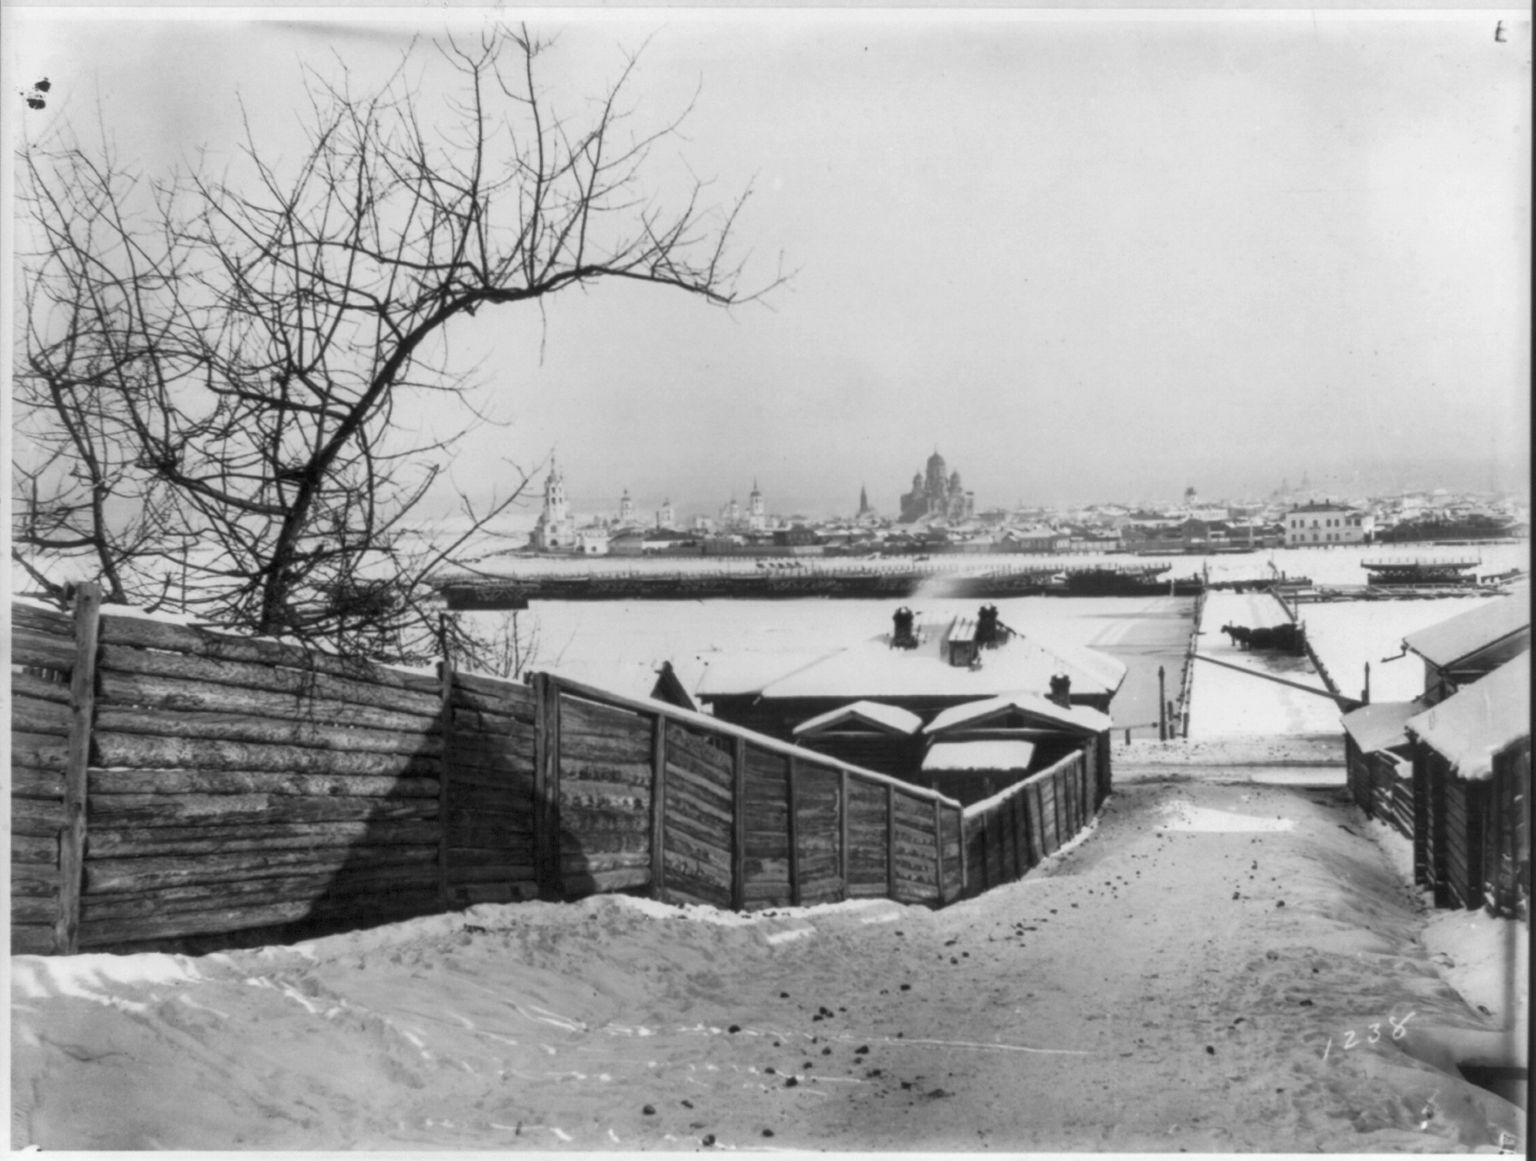 Иркутск. Подход к частично демонтированному понтонному мосту через Ангару в Иркутске зимой